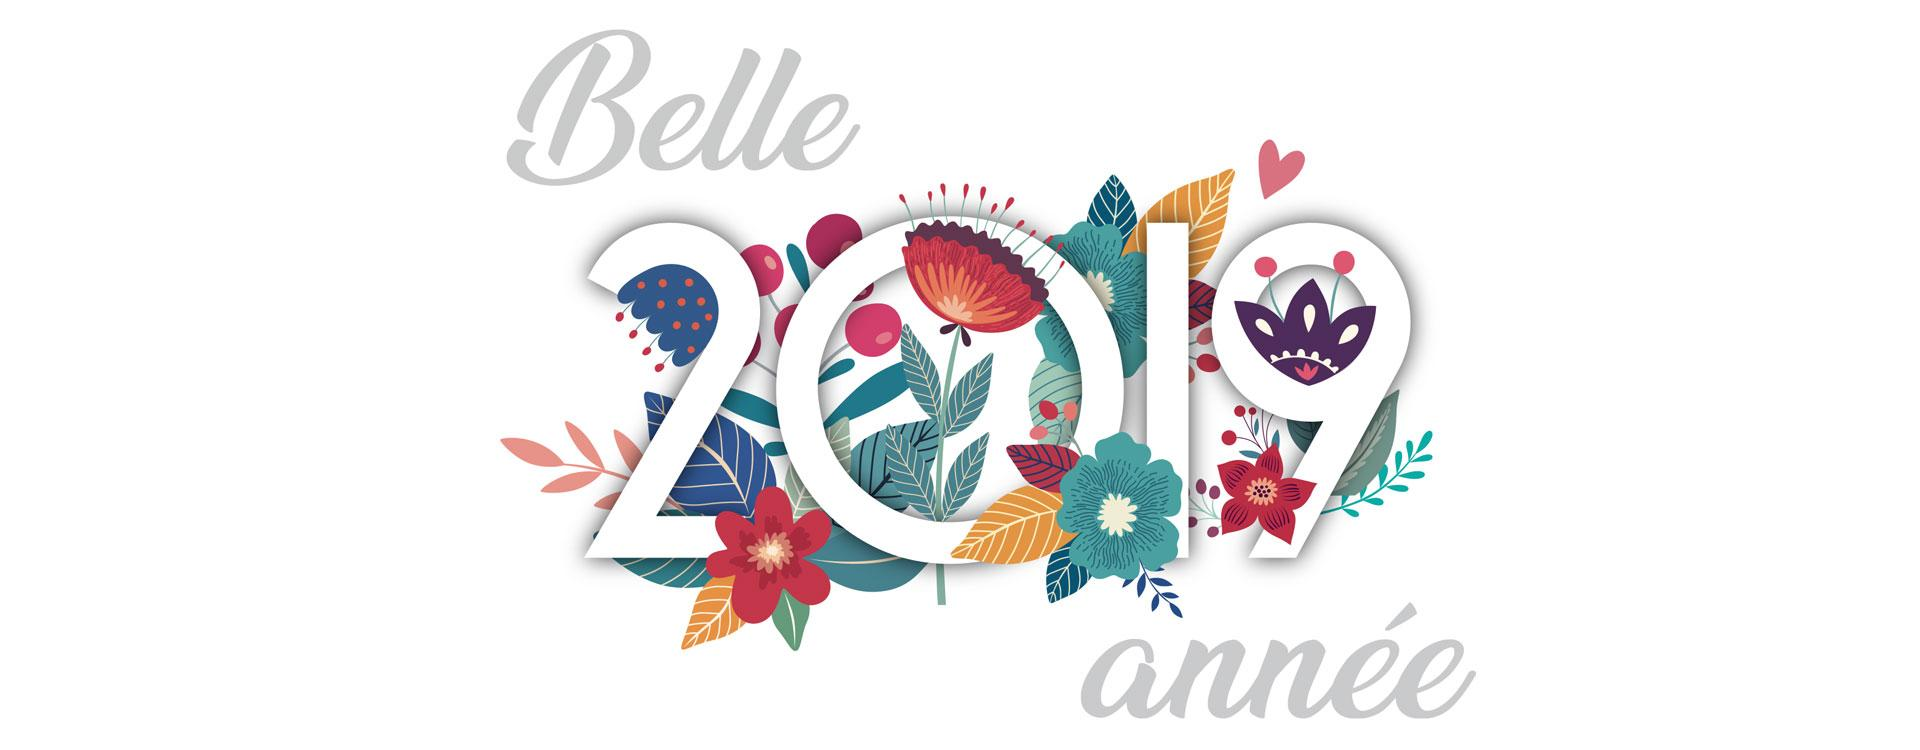 Joyeuses fêtes et meilleurs voeux pour 2019